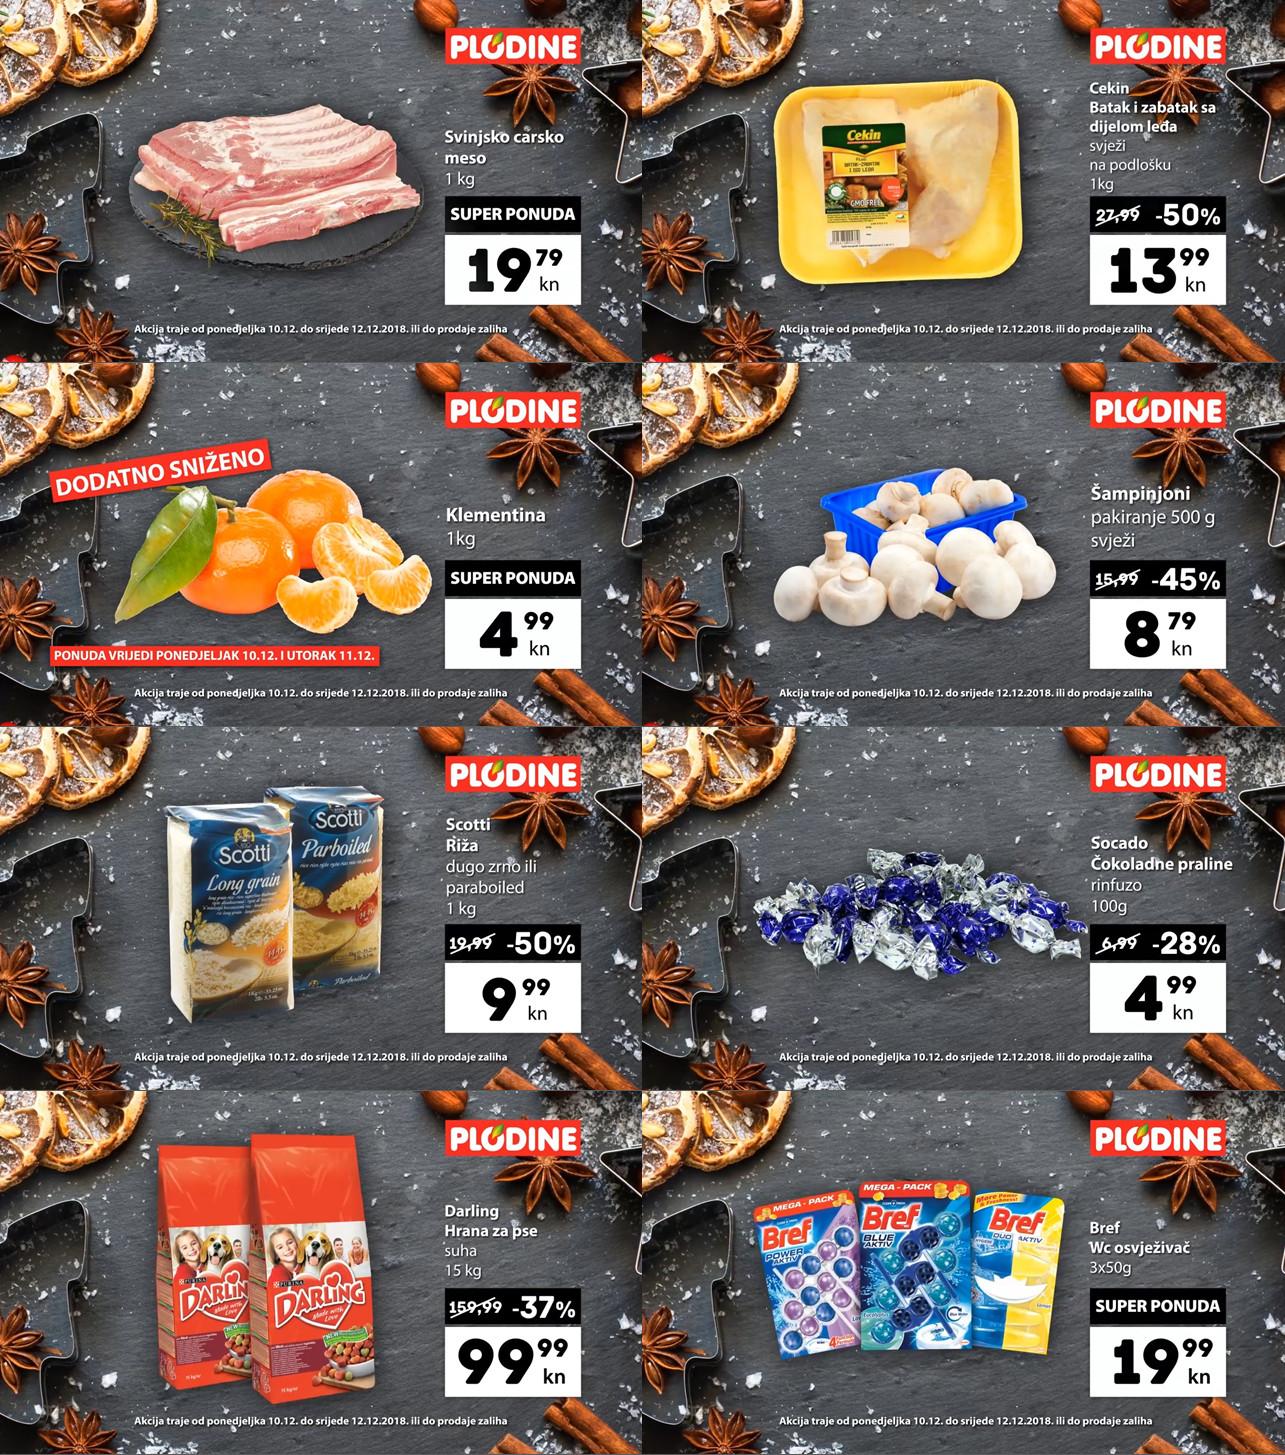 Top ponude za početak tjedna! Od ponedjeljka do utorka, 10.- 12.12.2018.  iskoristite nove popuste i kupujte povoljnije u Plodine supermarketima.